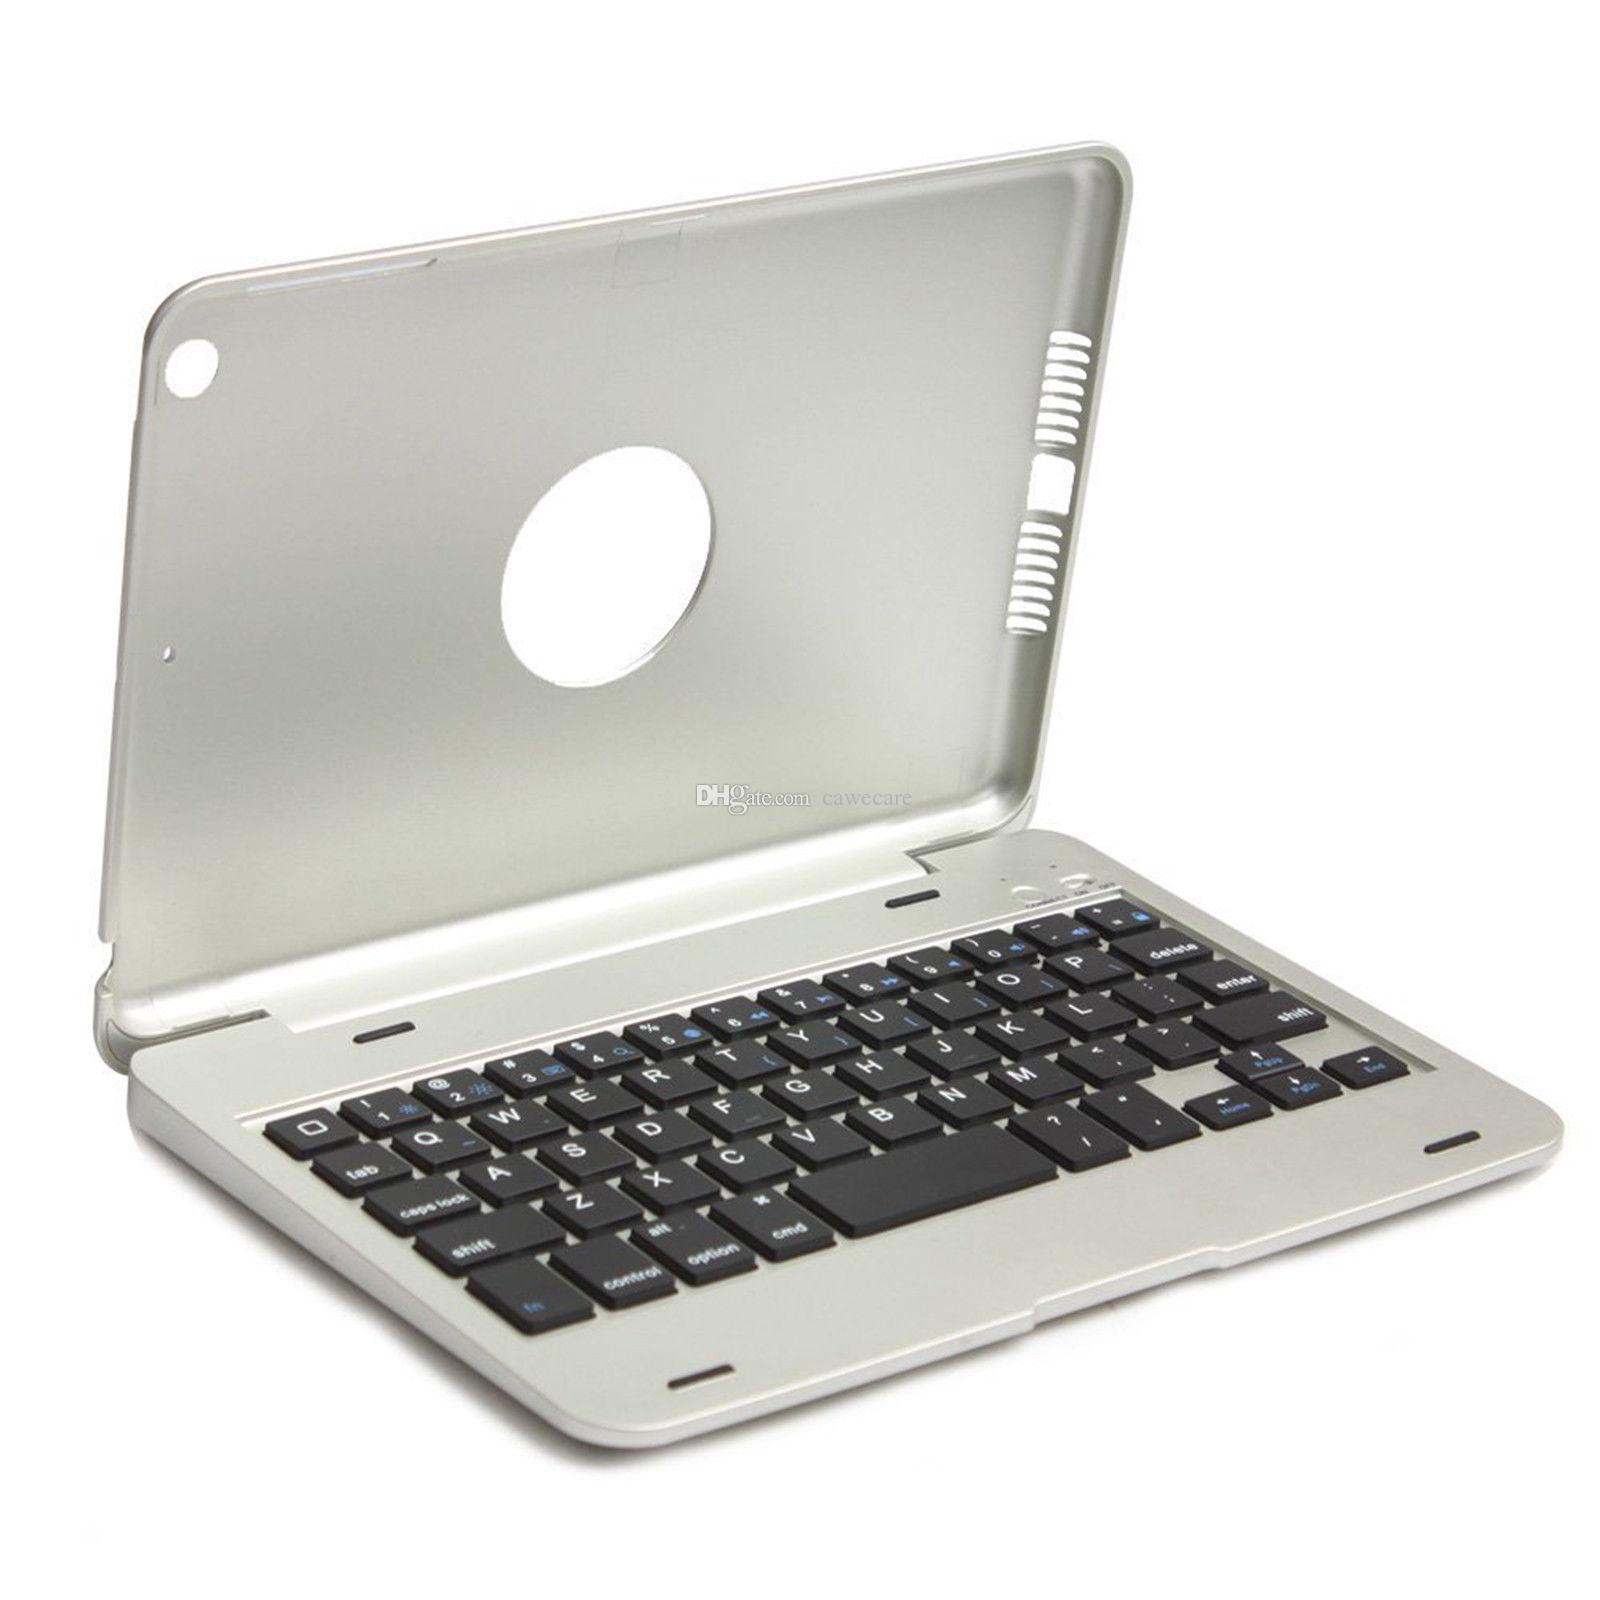 Cubiertas plegables inalámbricas del teclado de Bluetooth 3.0 Soporte de la cubierta para el cojín Mini 3/2/1 C081 Opciones multicoloras ABS